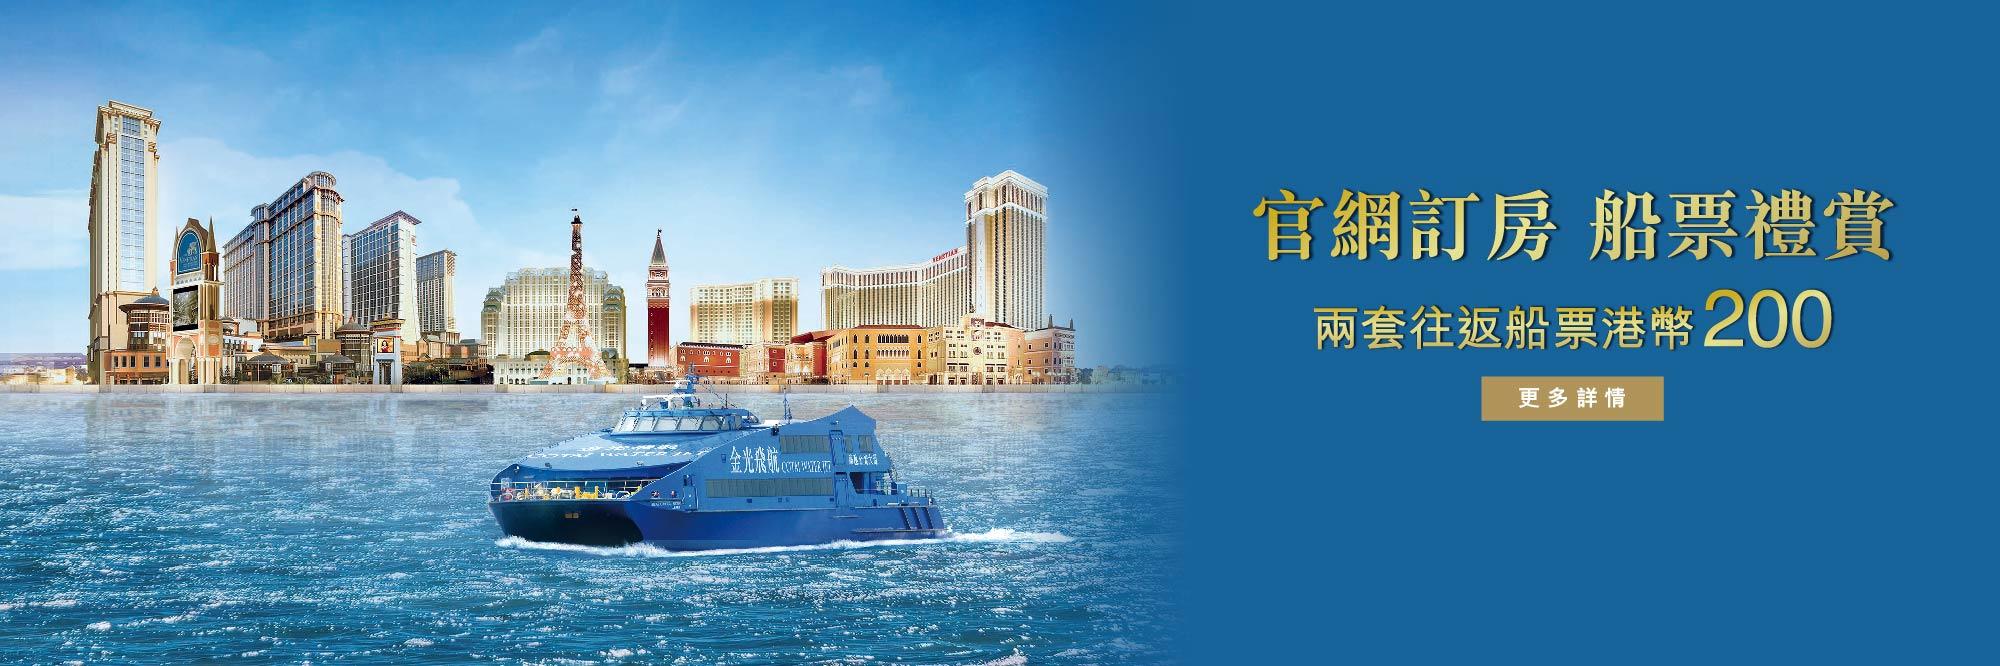 澳門金沙度假區預定酒店享受船票優惠